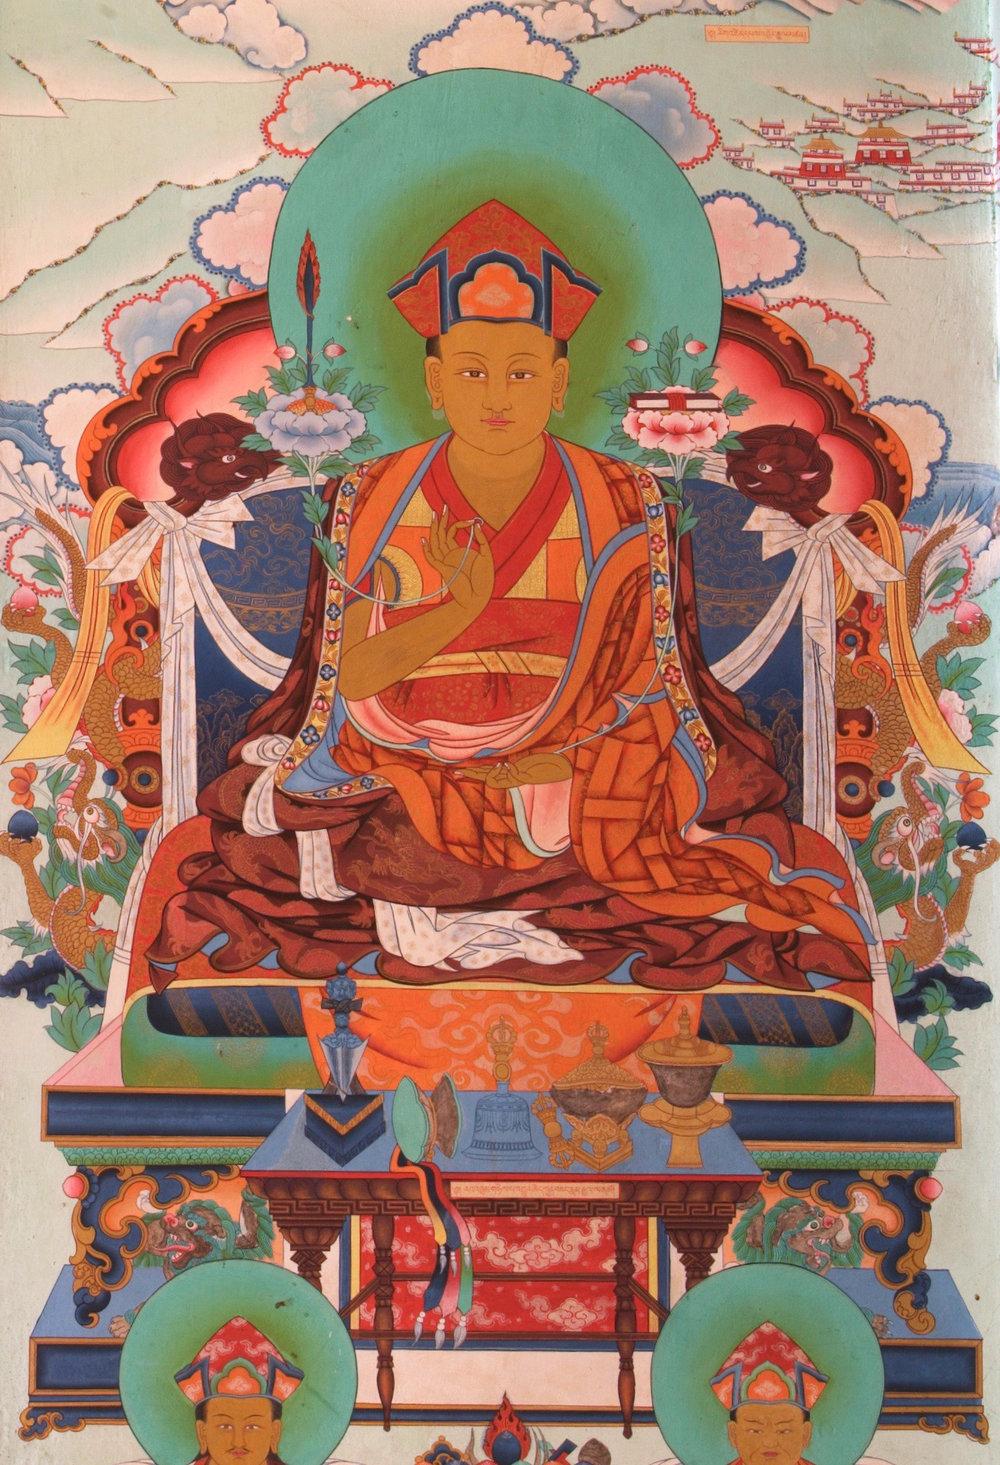 2nd Shechen Rabjam Gyurme Kunzang Namgyal